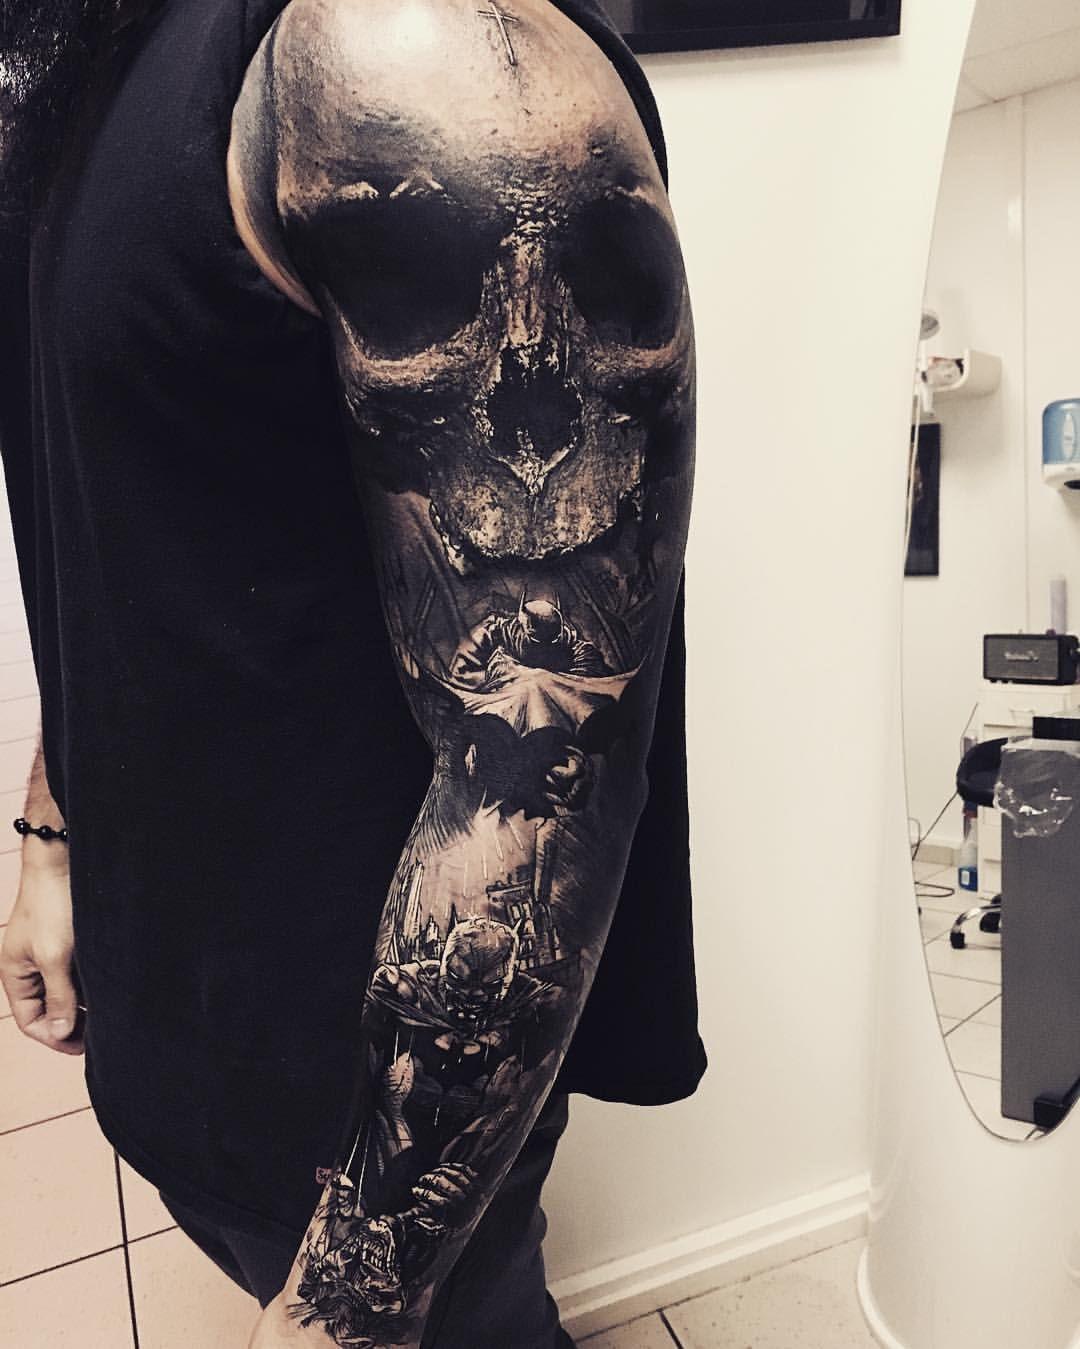 Pin by Debbie Sanchez on Horror Tattoos | Pinterest | Tattoo, Tatoo ...